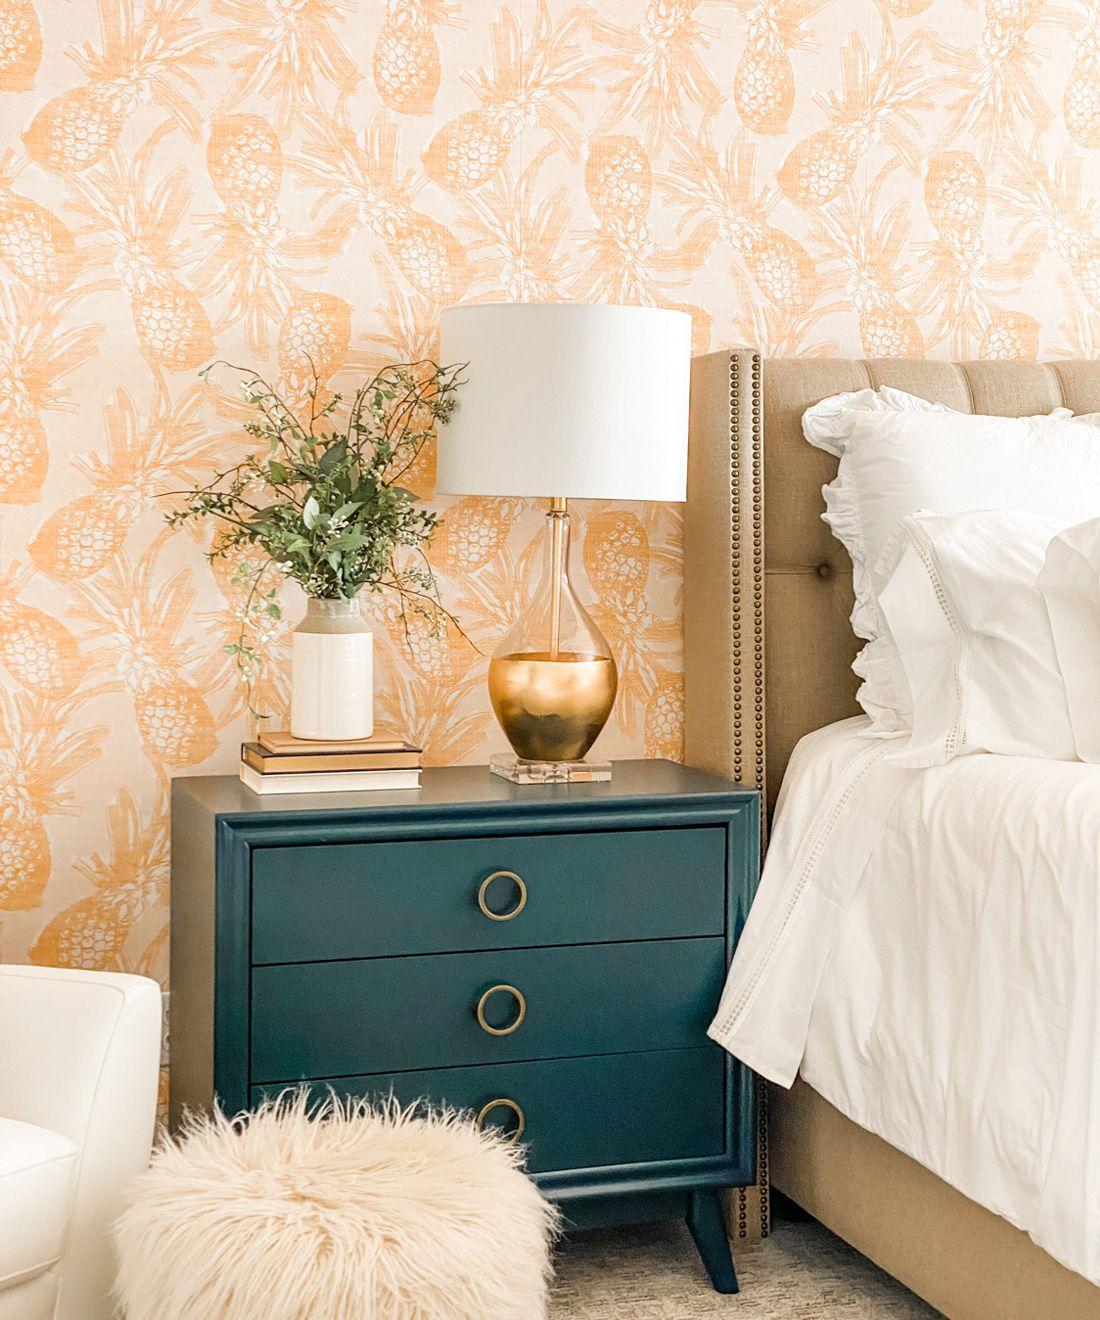 Calypso Wallpaper •Gold wallpaper •Yellow Wallpaper •Pineapple Wallpaper behind a teal bedside dresser